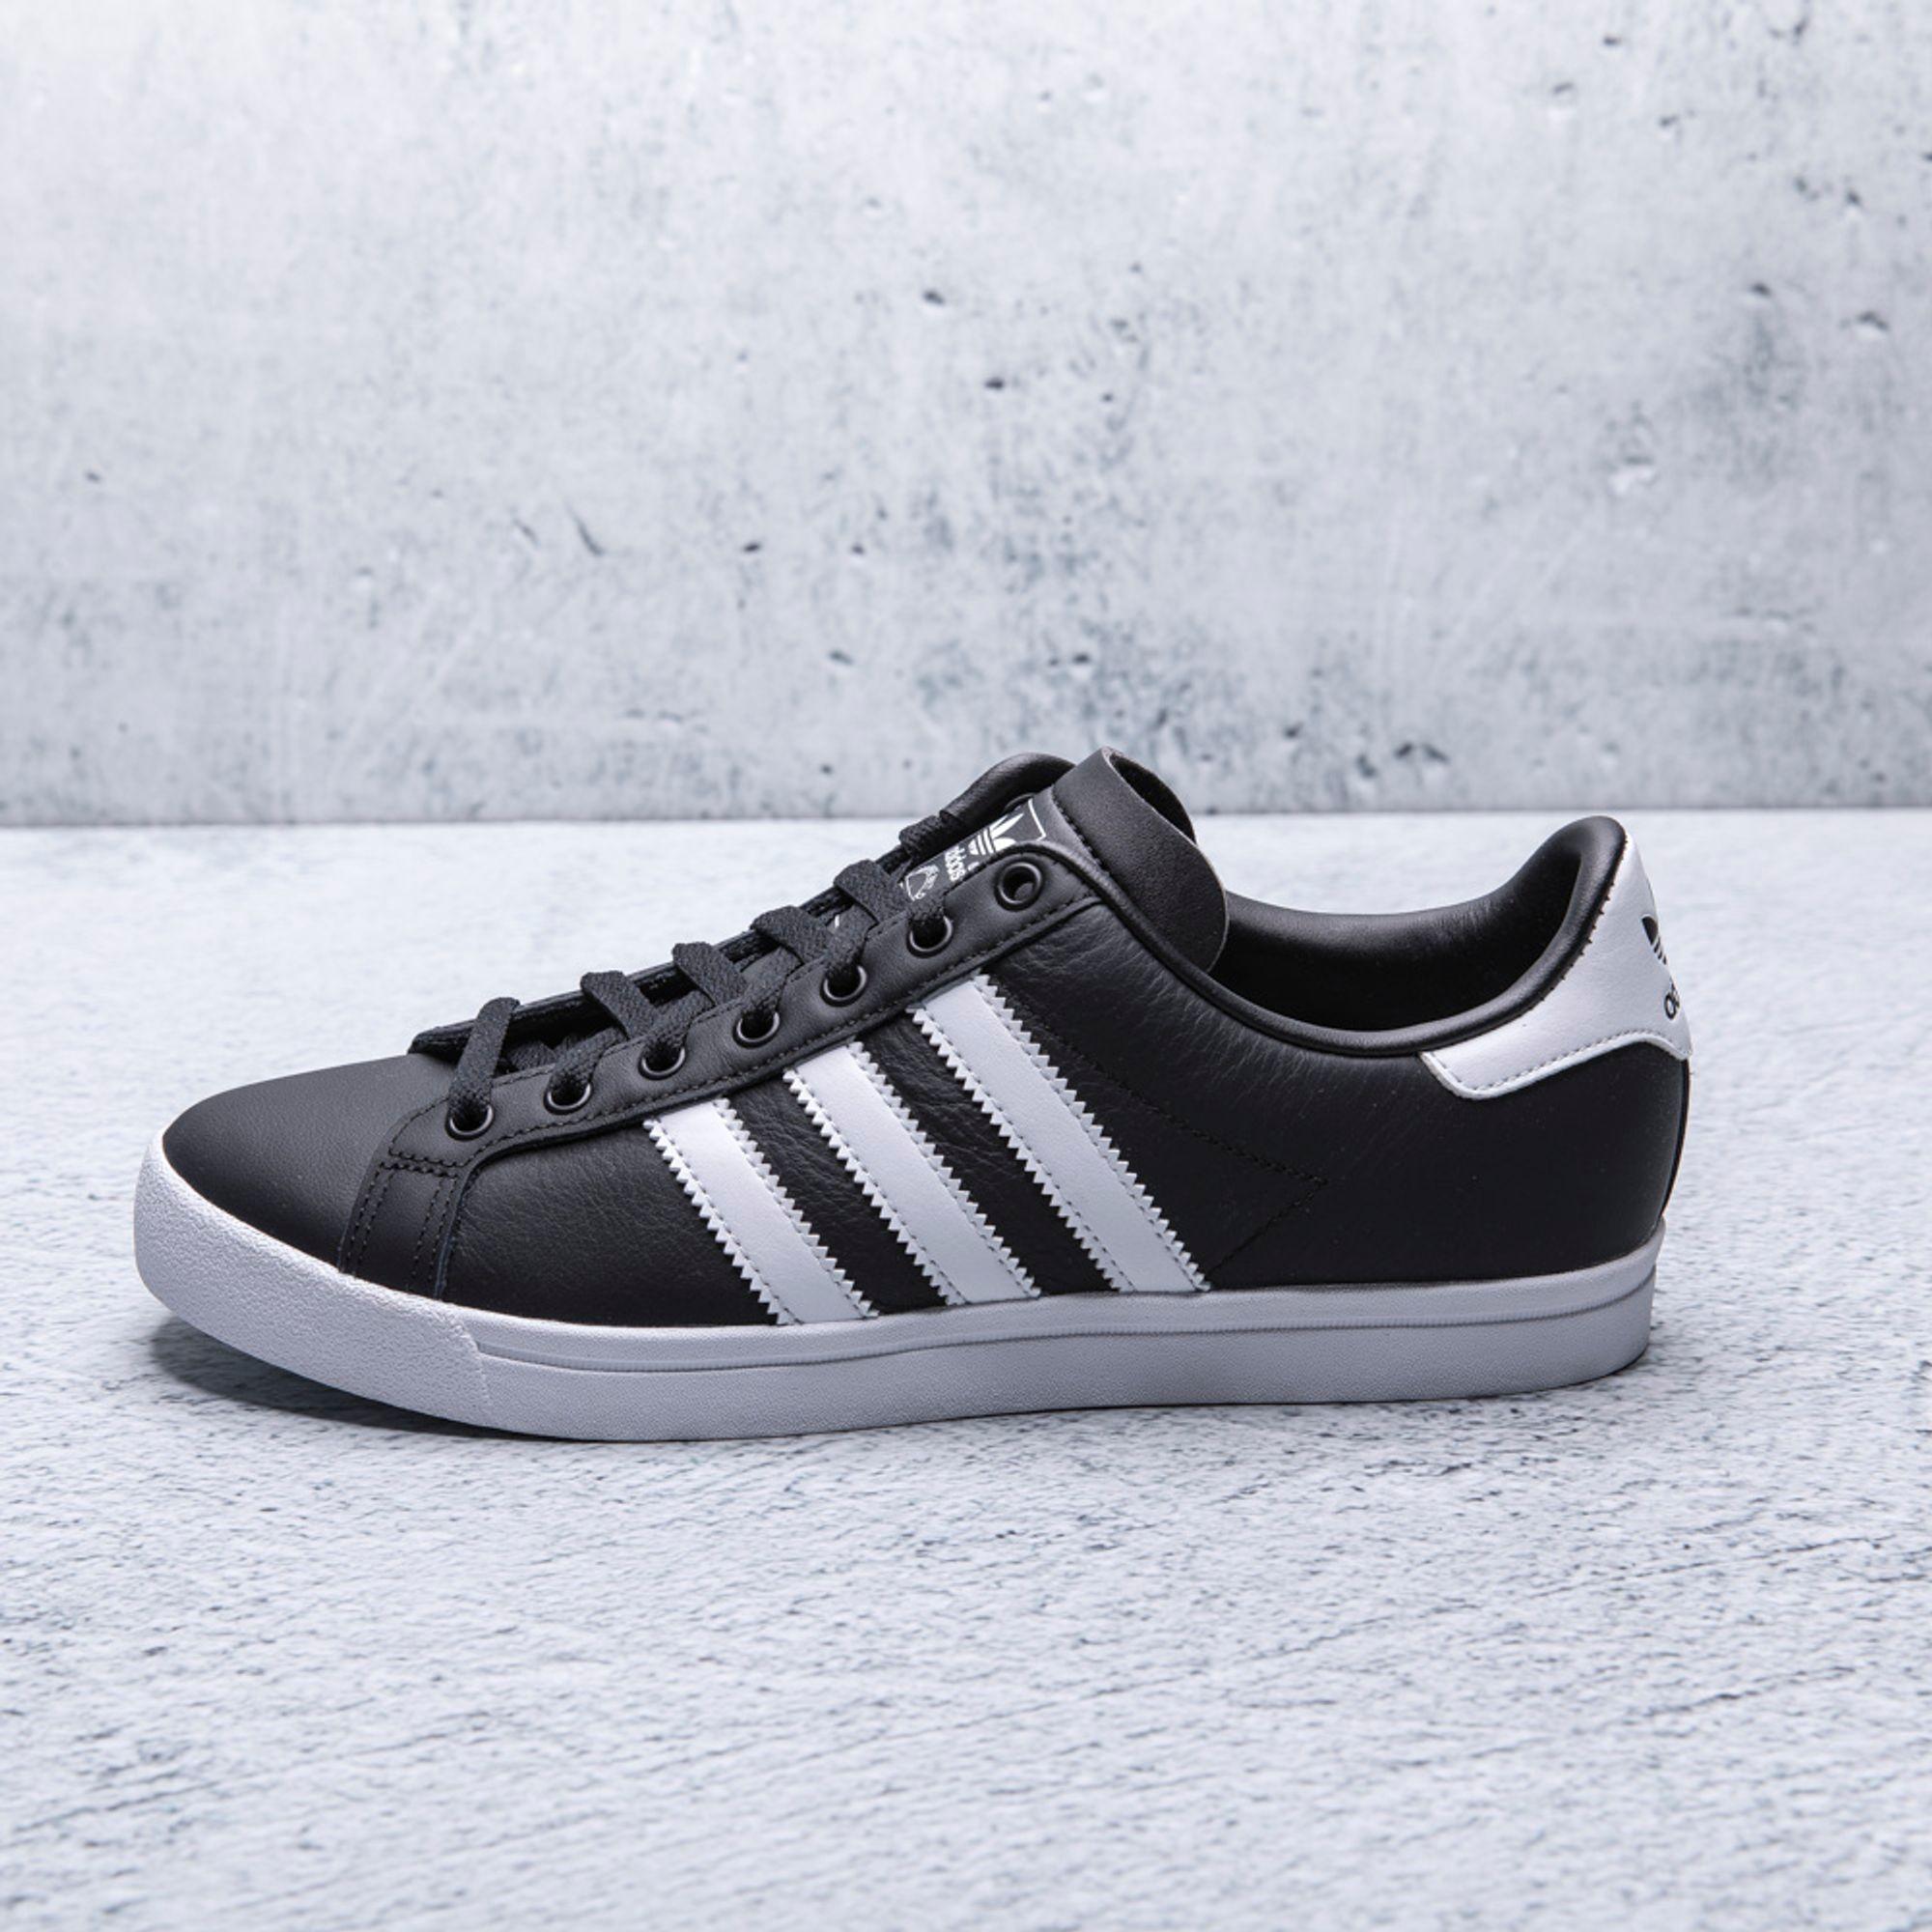 adidas zapatos hombre